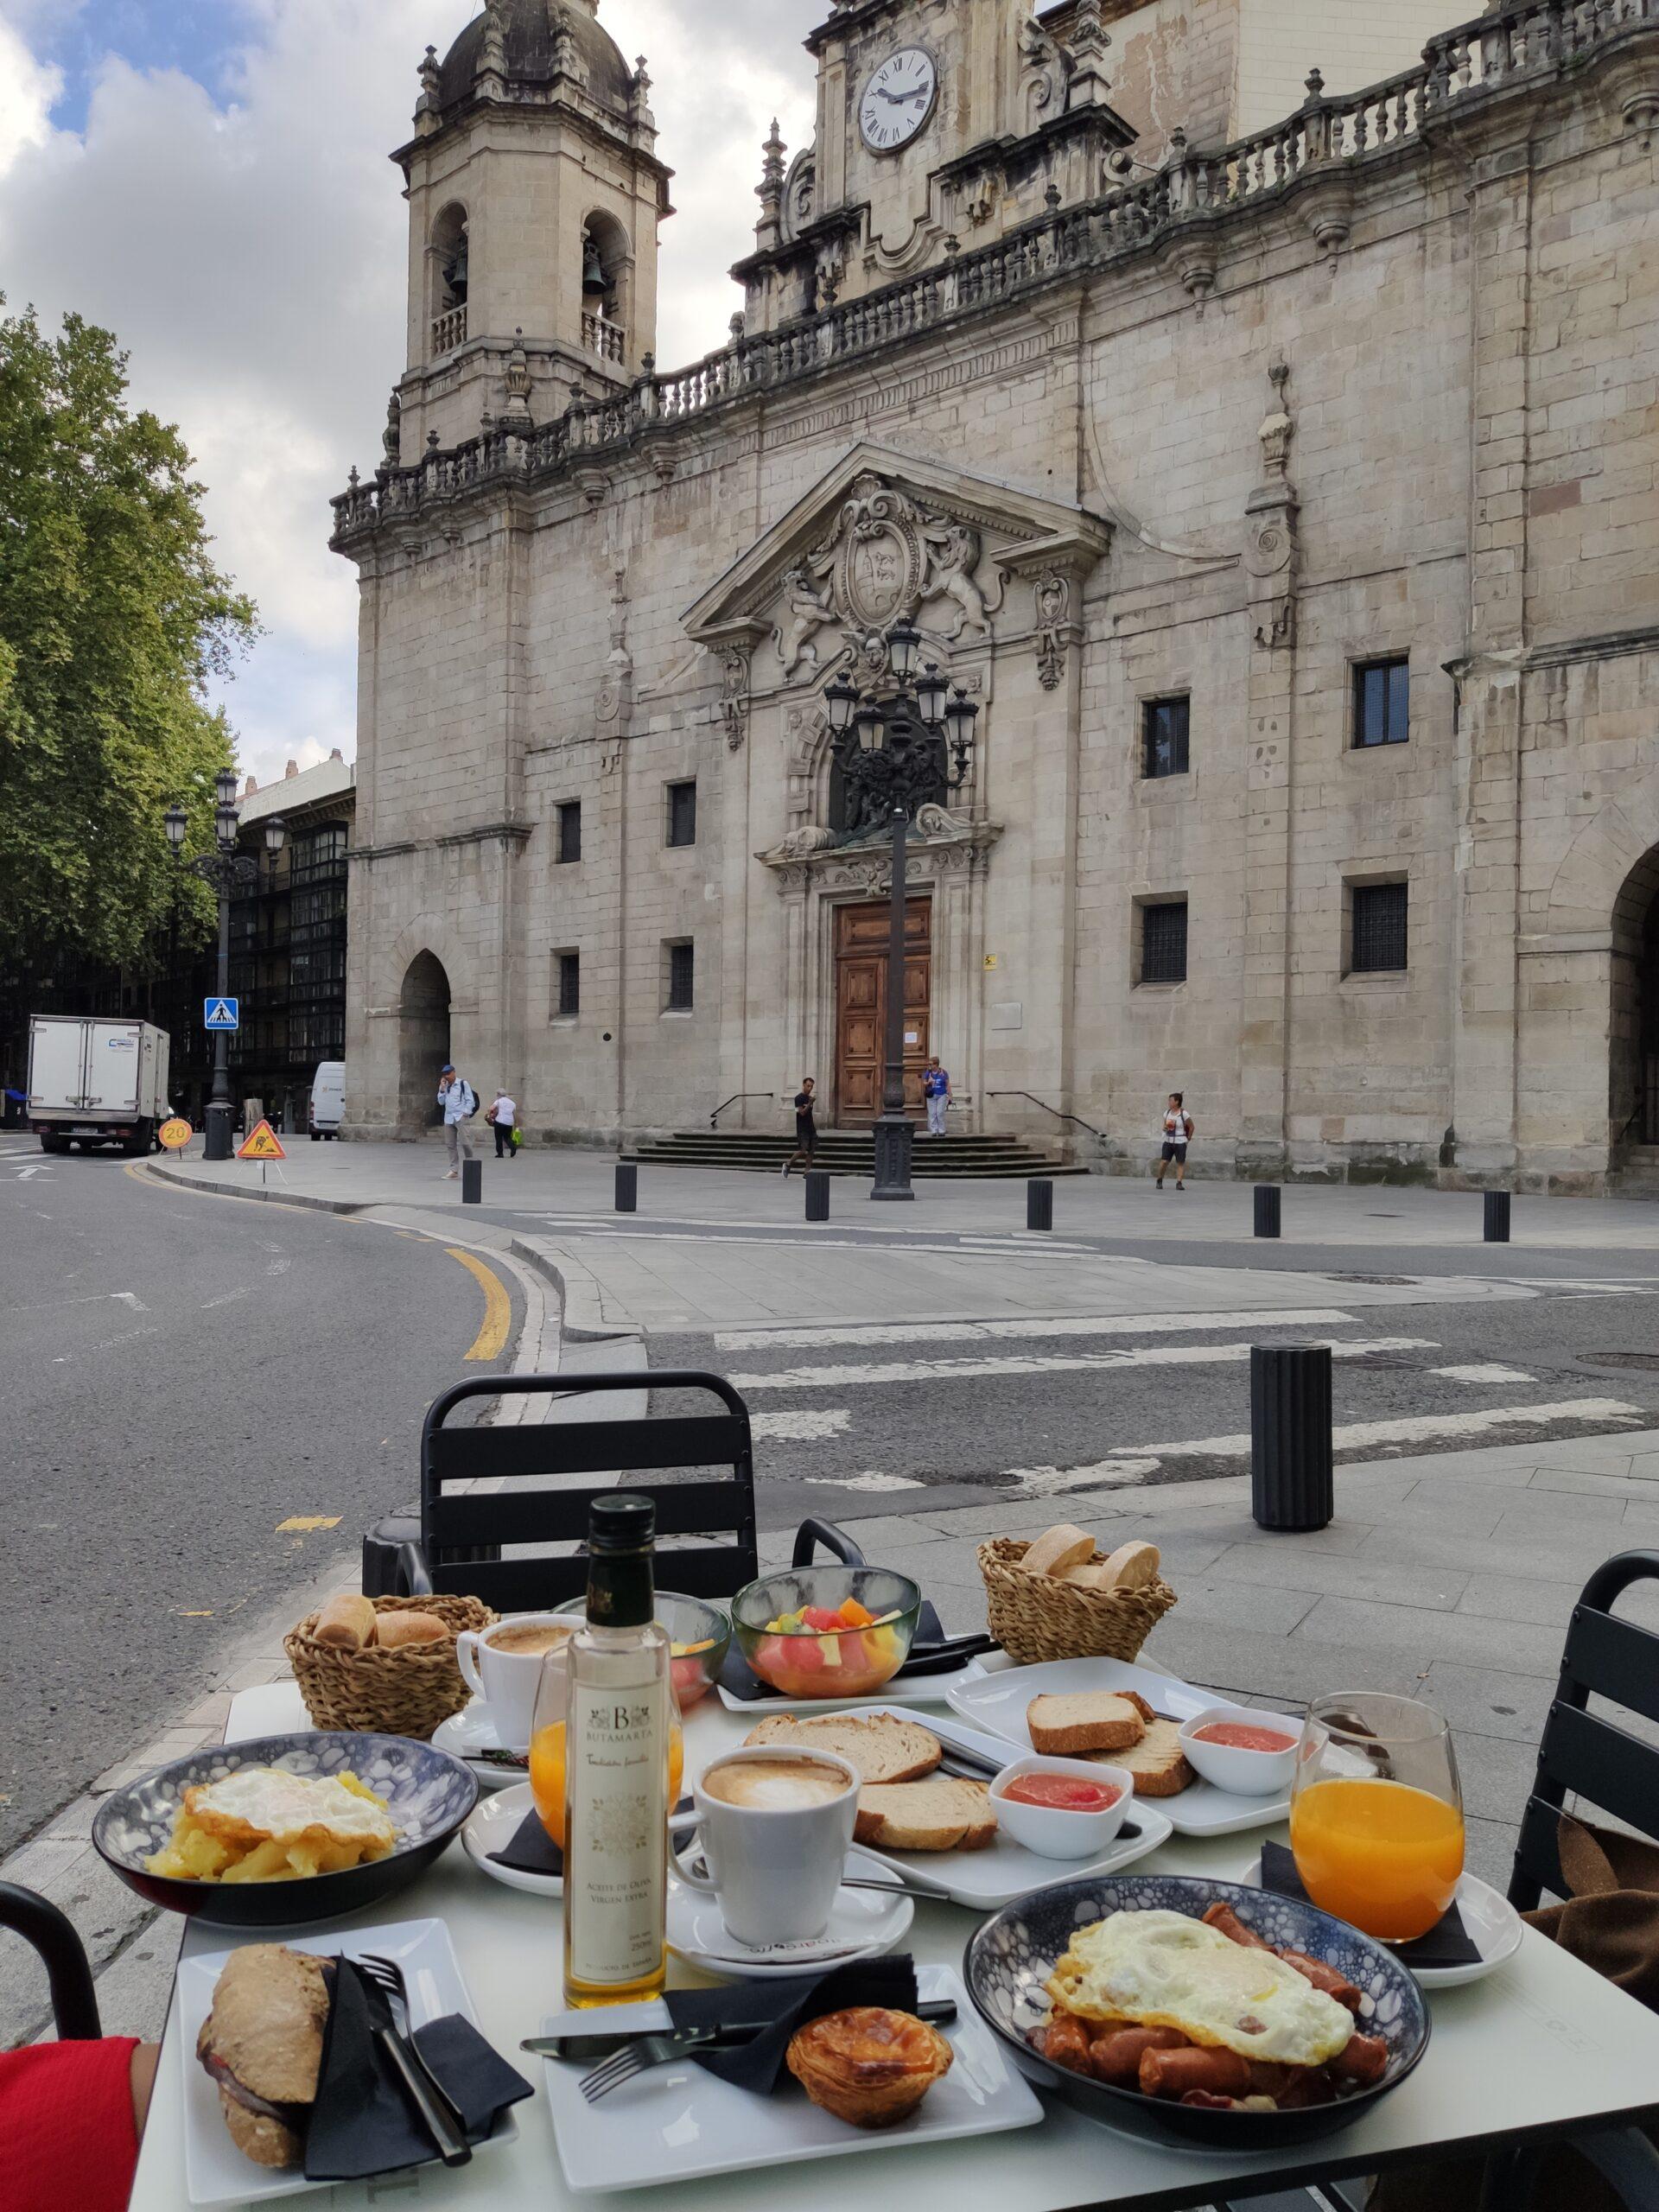 Desayuno Café Restaurante del Arenal Bilbao. Desayuno Botxo